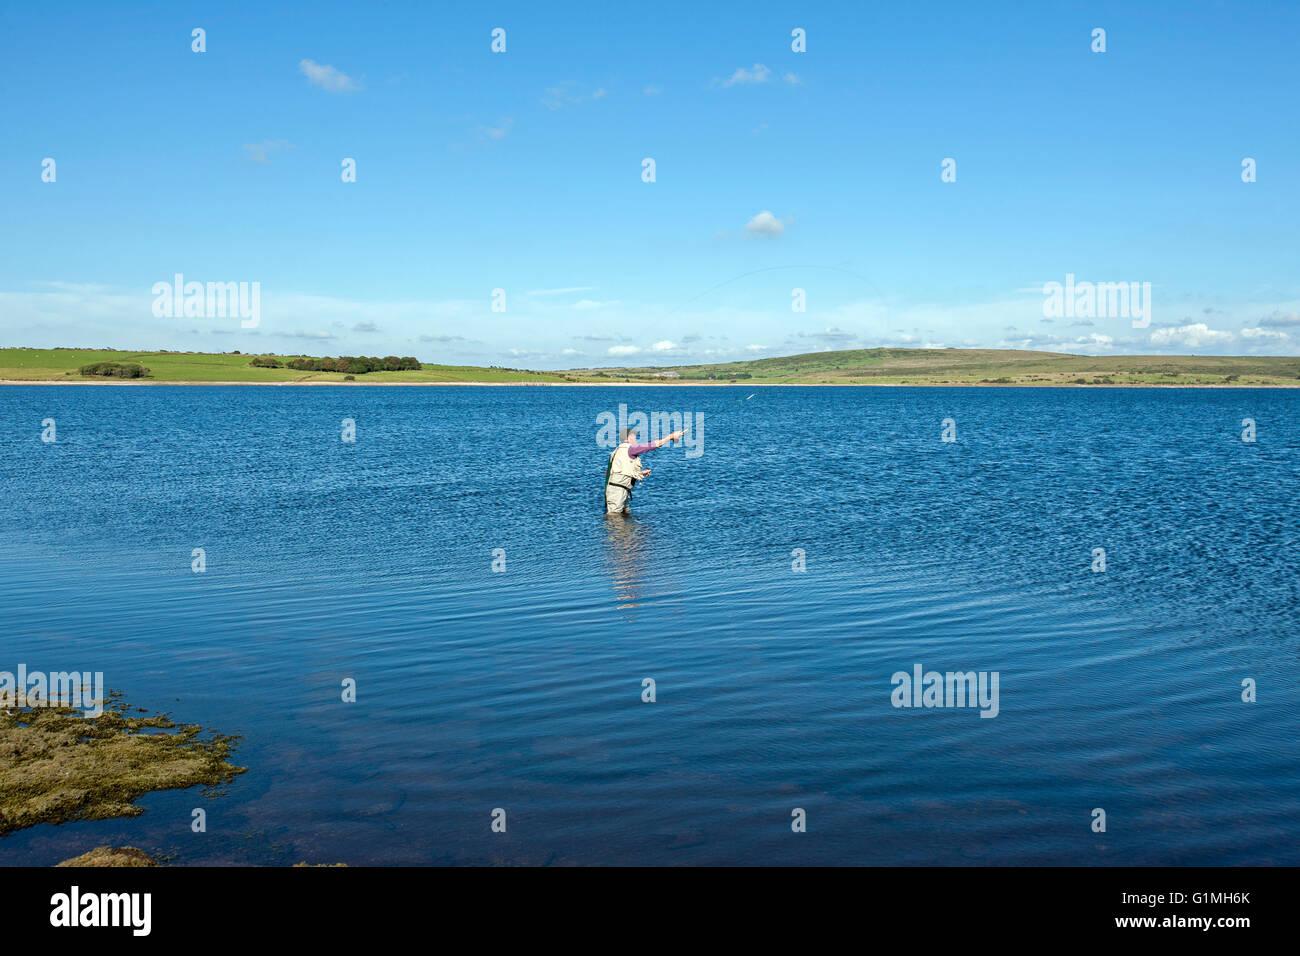 La pesca a mosca sul serbatoio Colliford lago Bodmin Moor Cornwall lone uomo casting con asta sul lago ancora cielo Immagini Stock